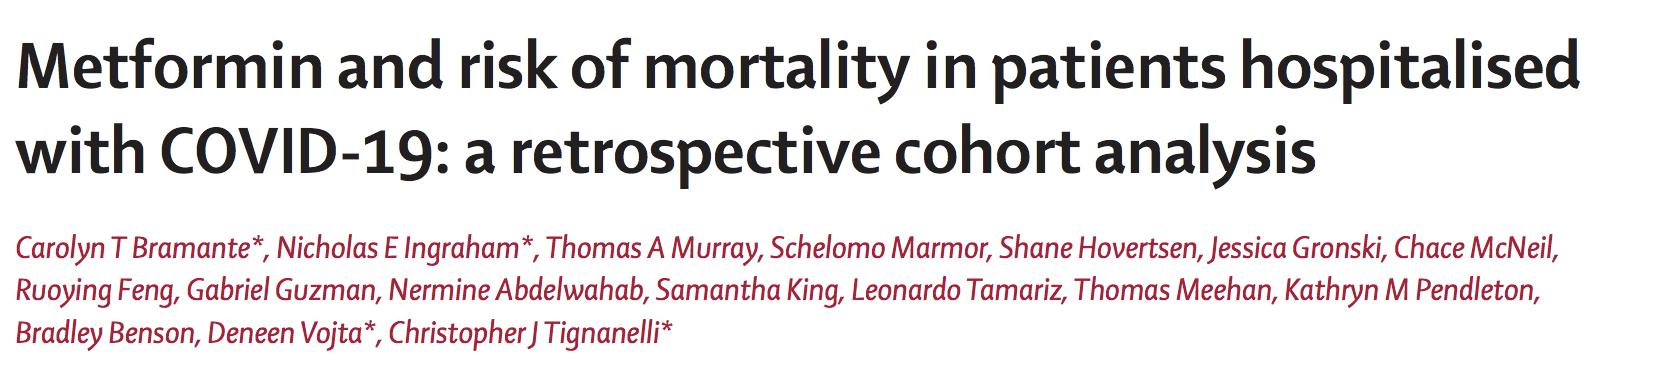 二甲双胍可降低2型糖尿病或肥胖女性COVID-19死亡风险